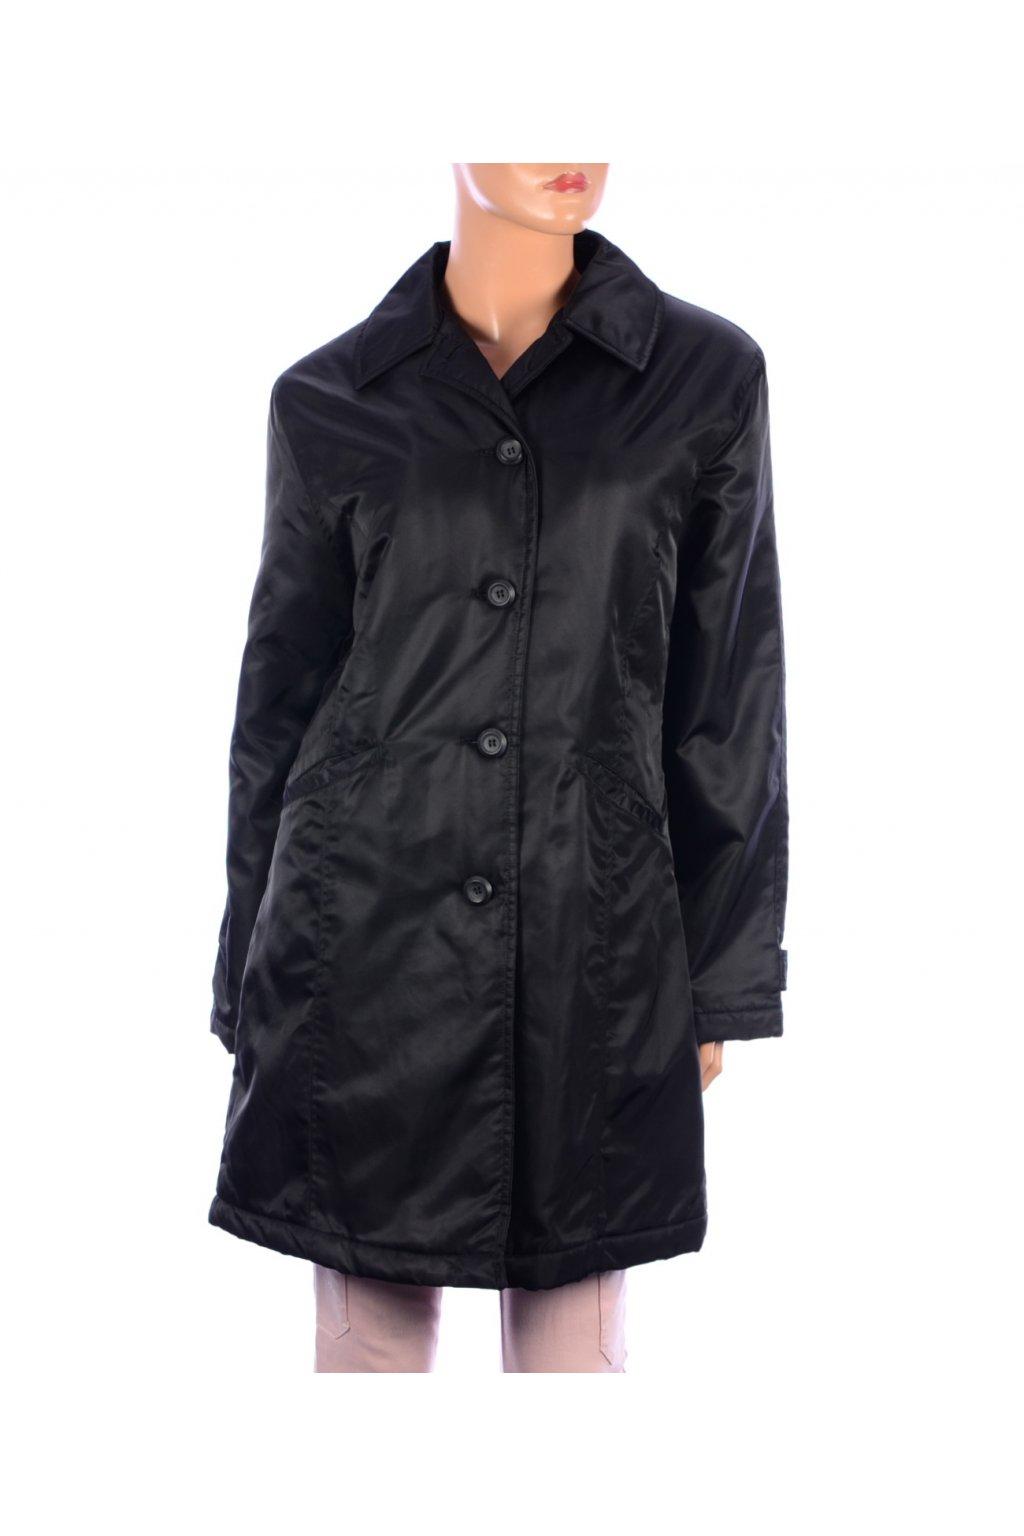 Kabát krátký Essentials Uk14/M/42 - nový s visačkou @